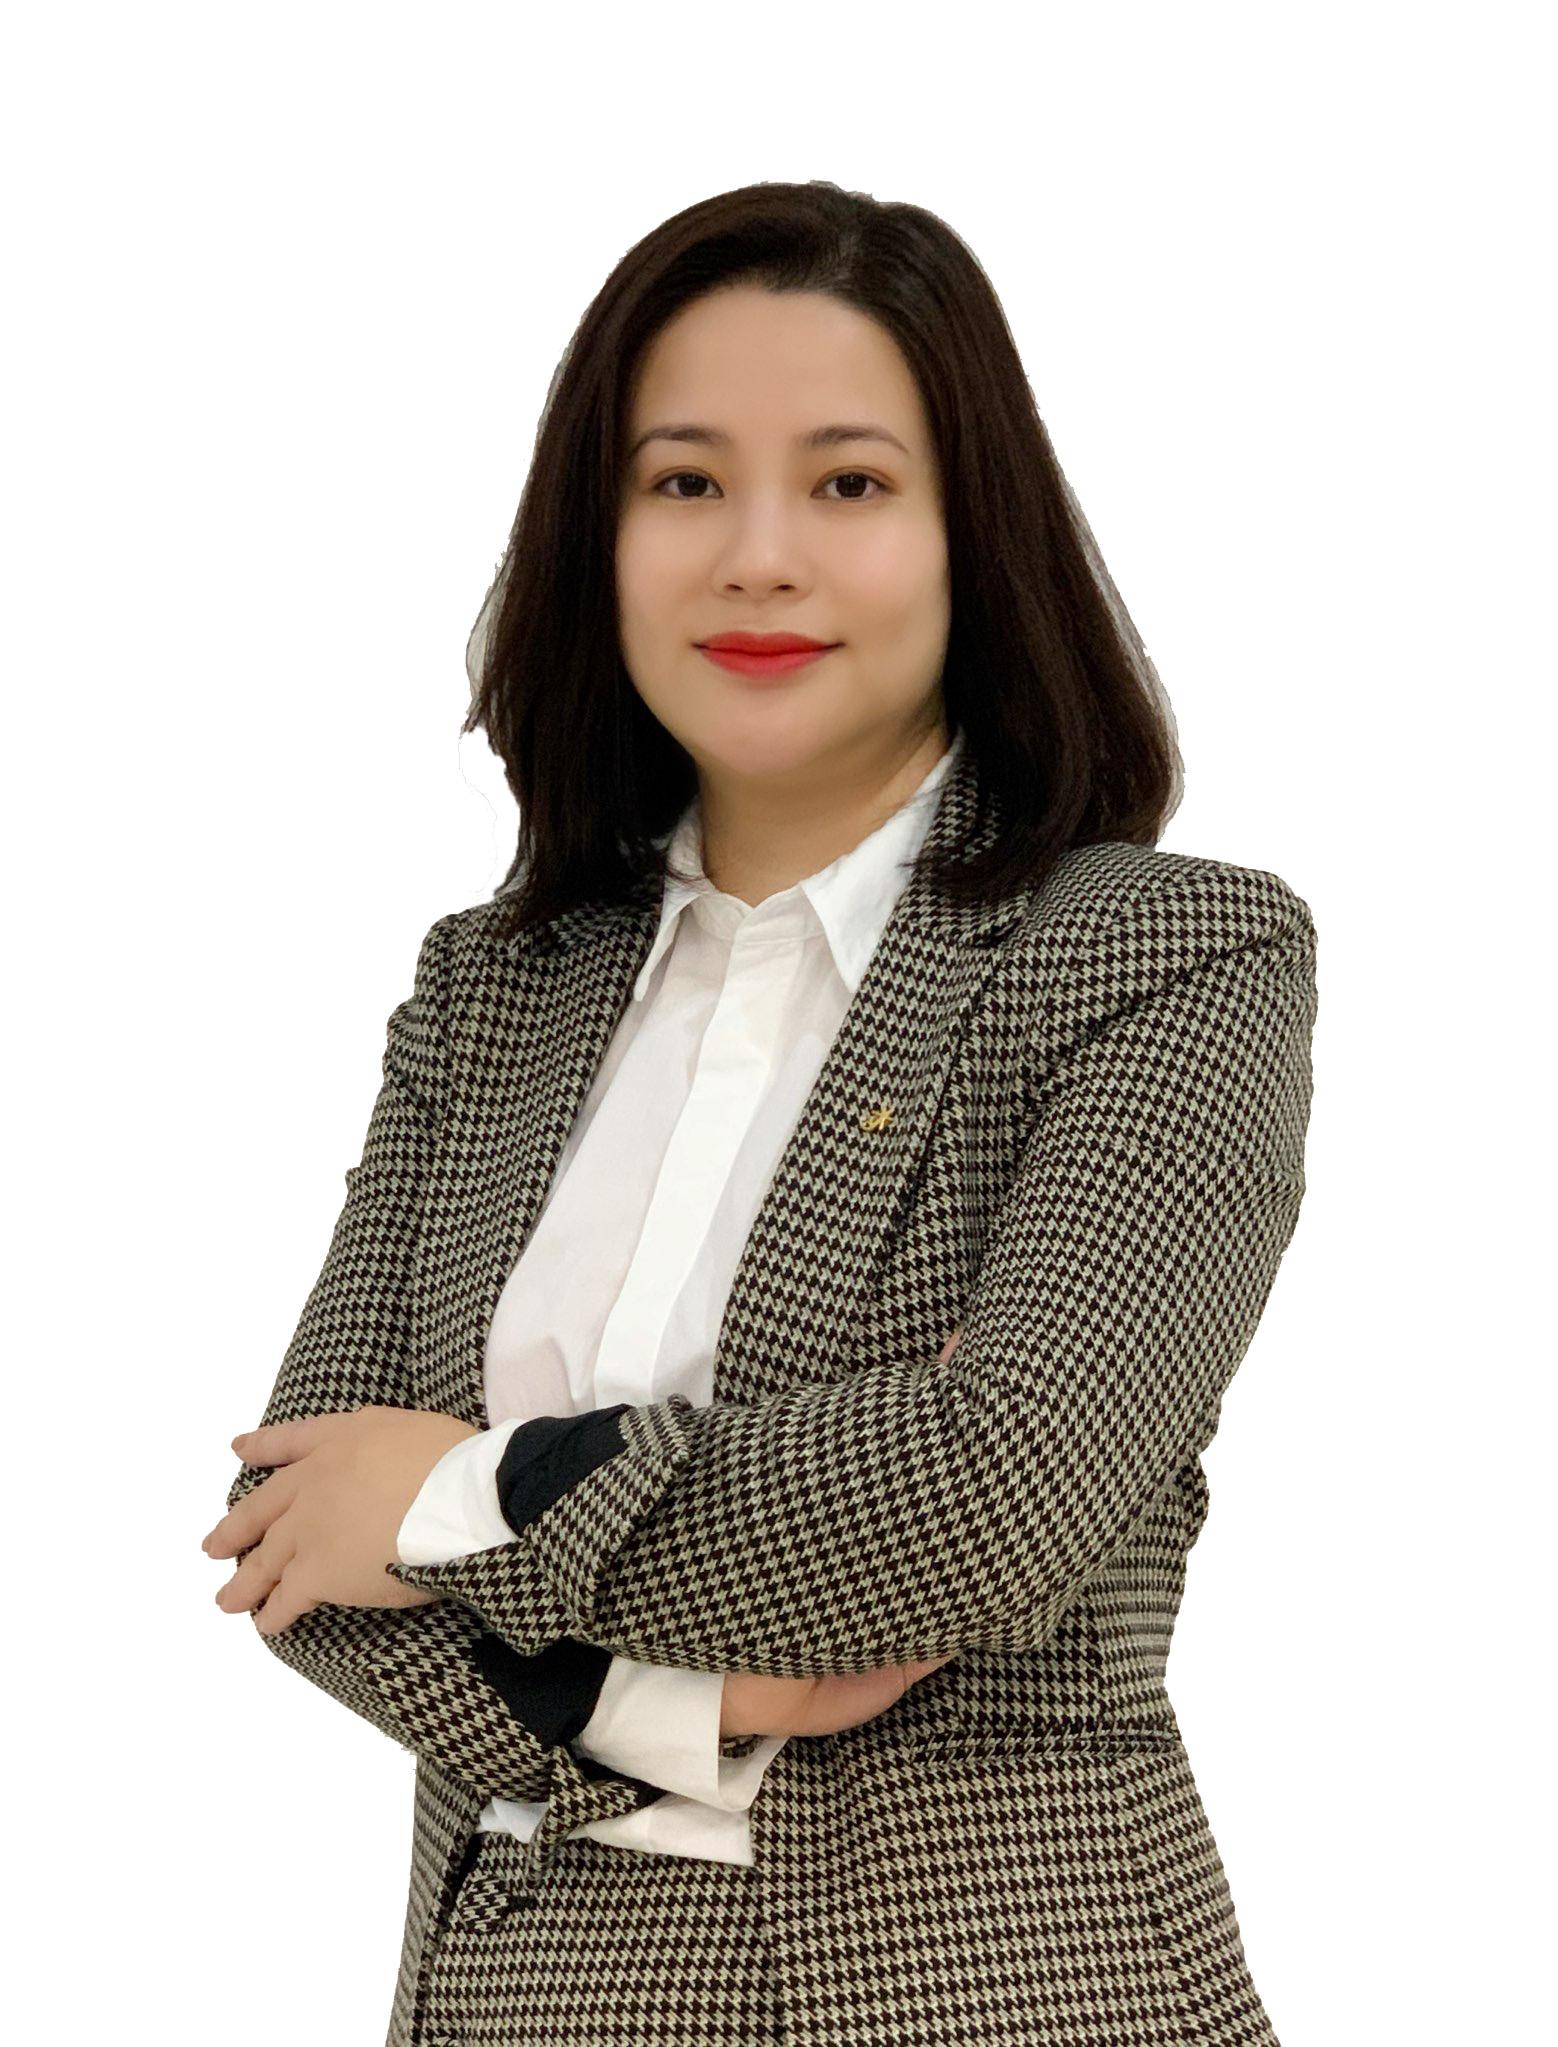 Ms. Nguyen T. Minh Phuong